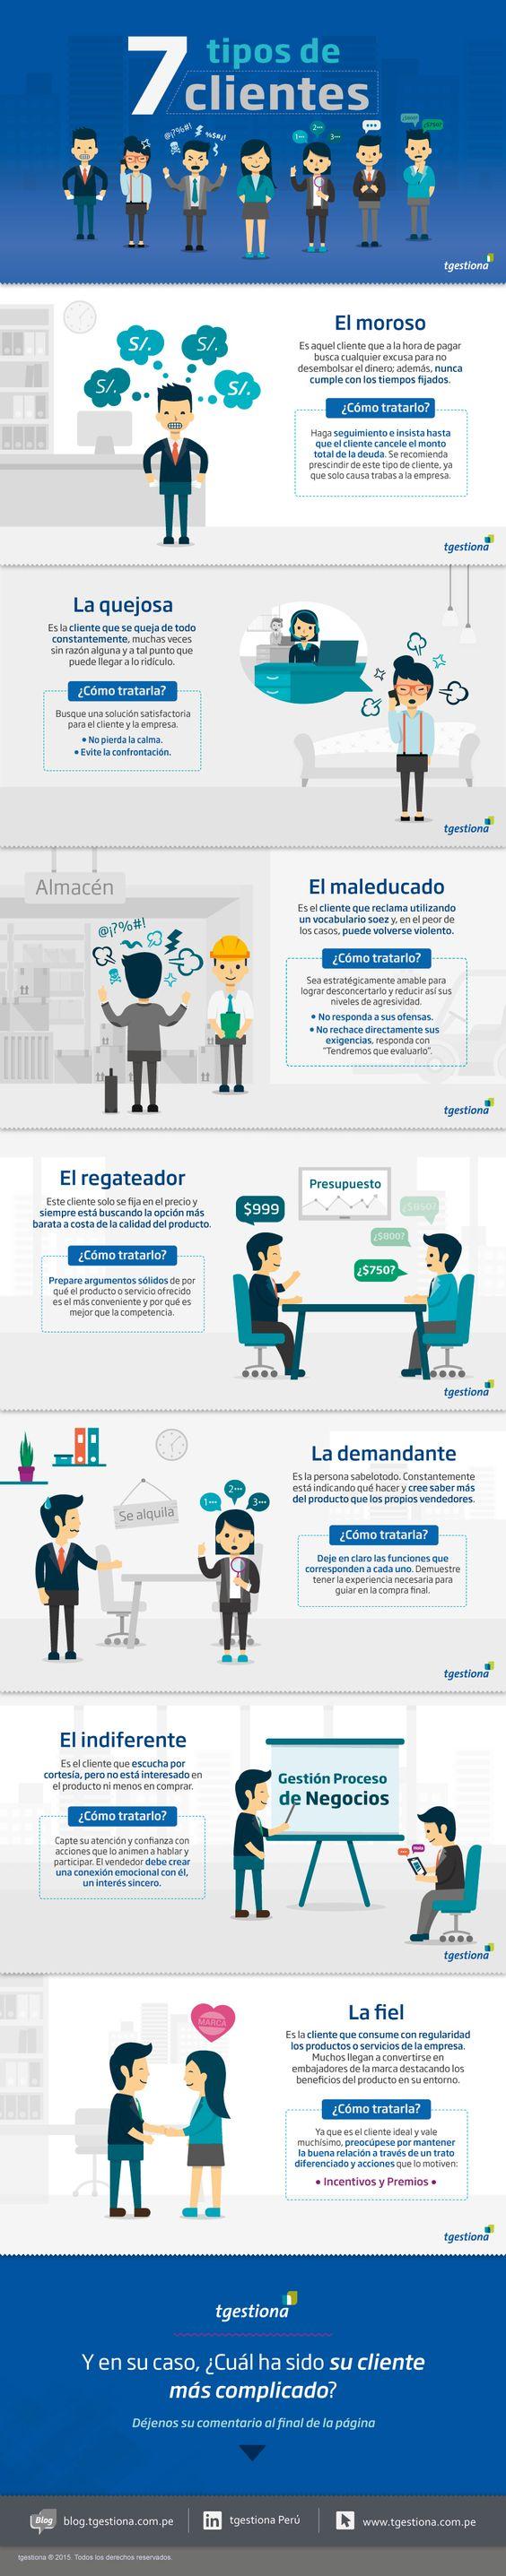 7 tipos de clientes #infografia #infographic #marketing